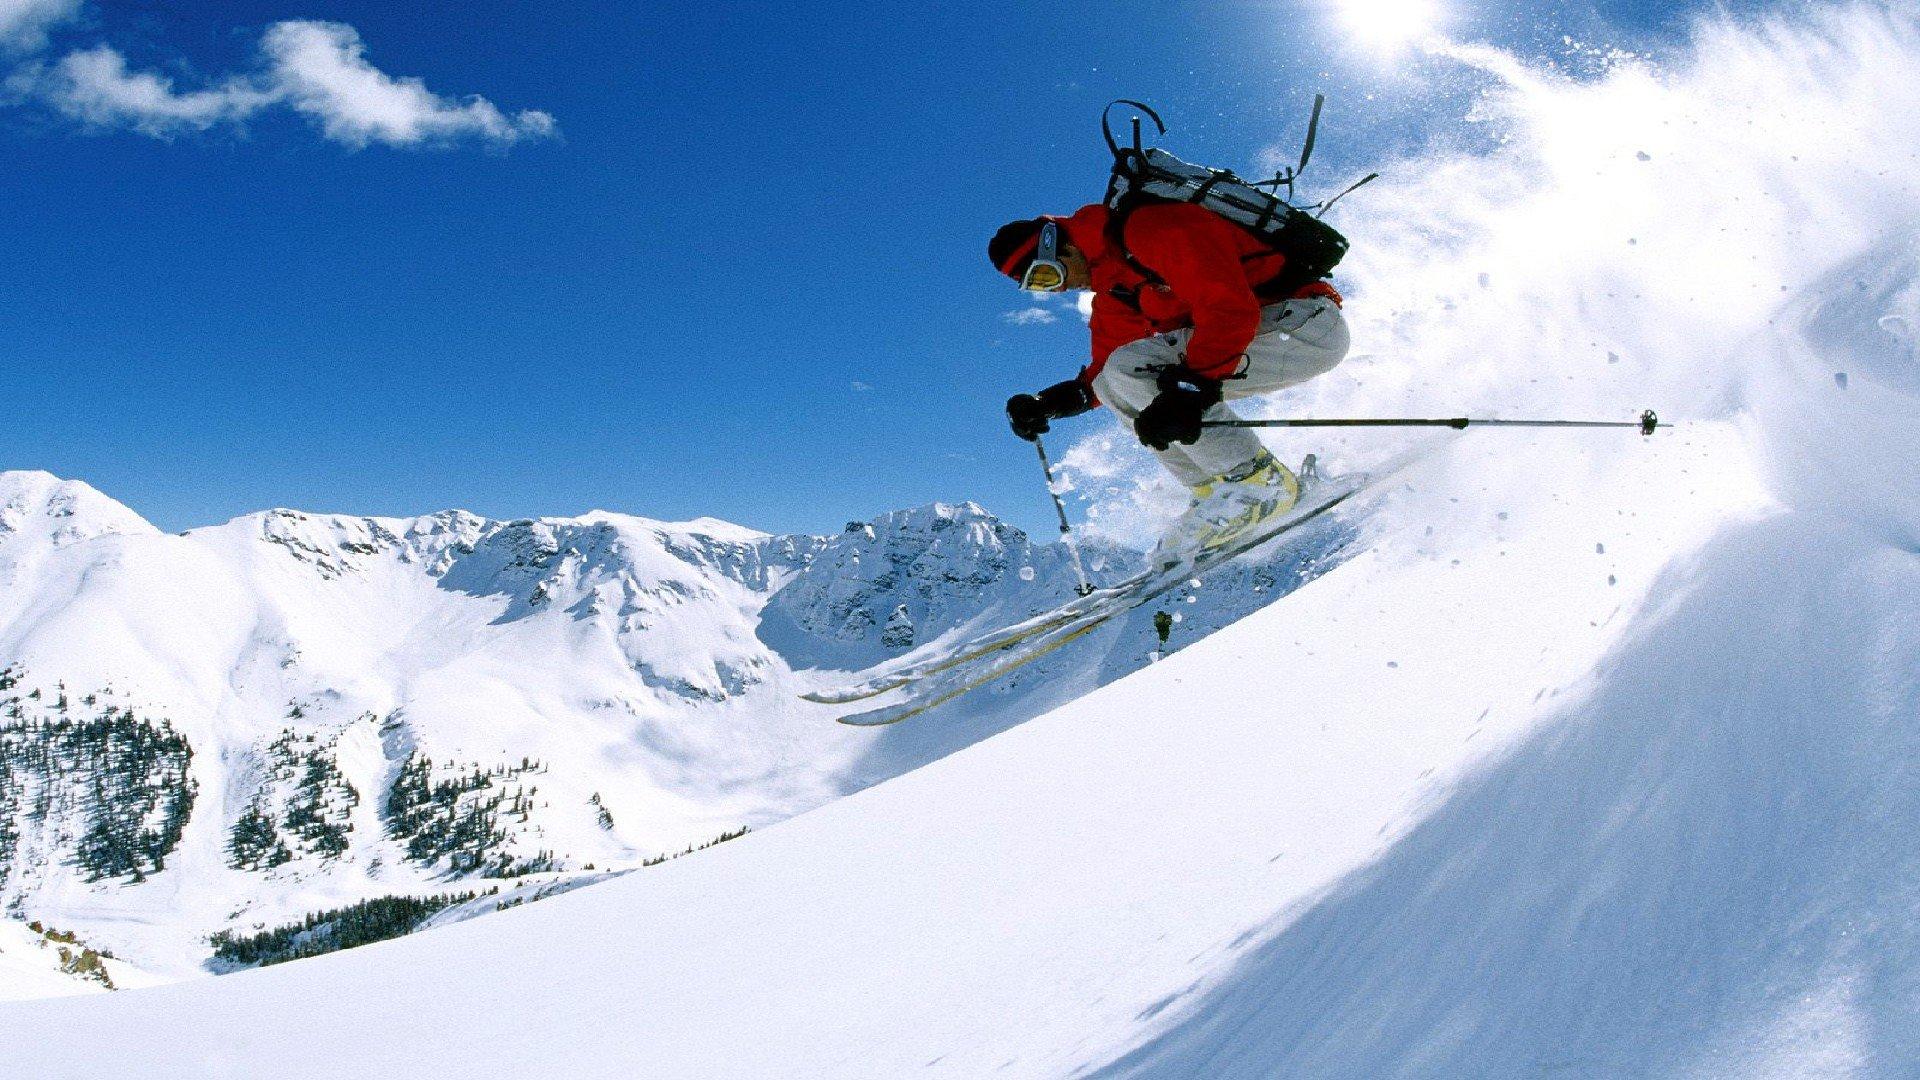 pin snow snowboard mountains - photo #5